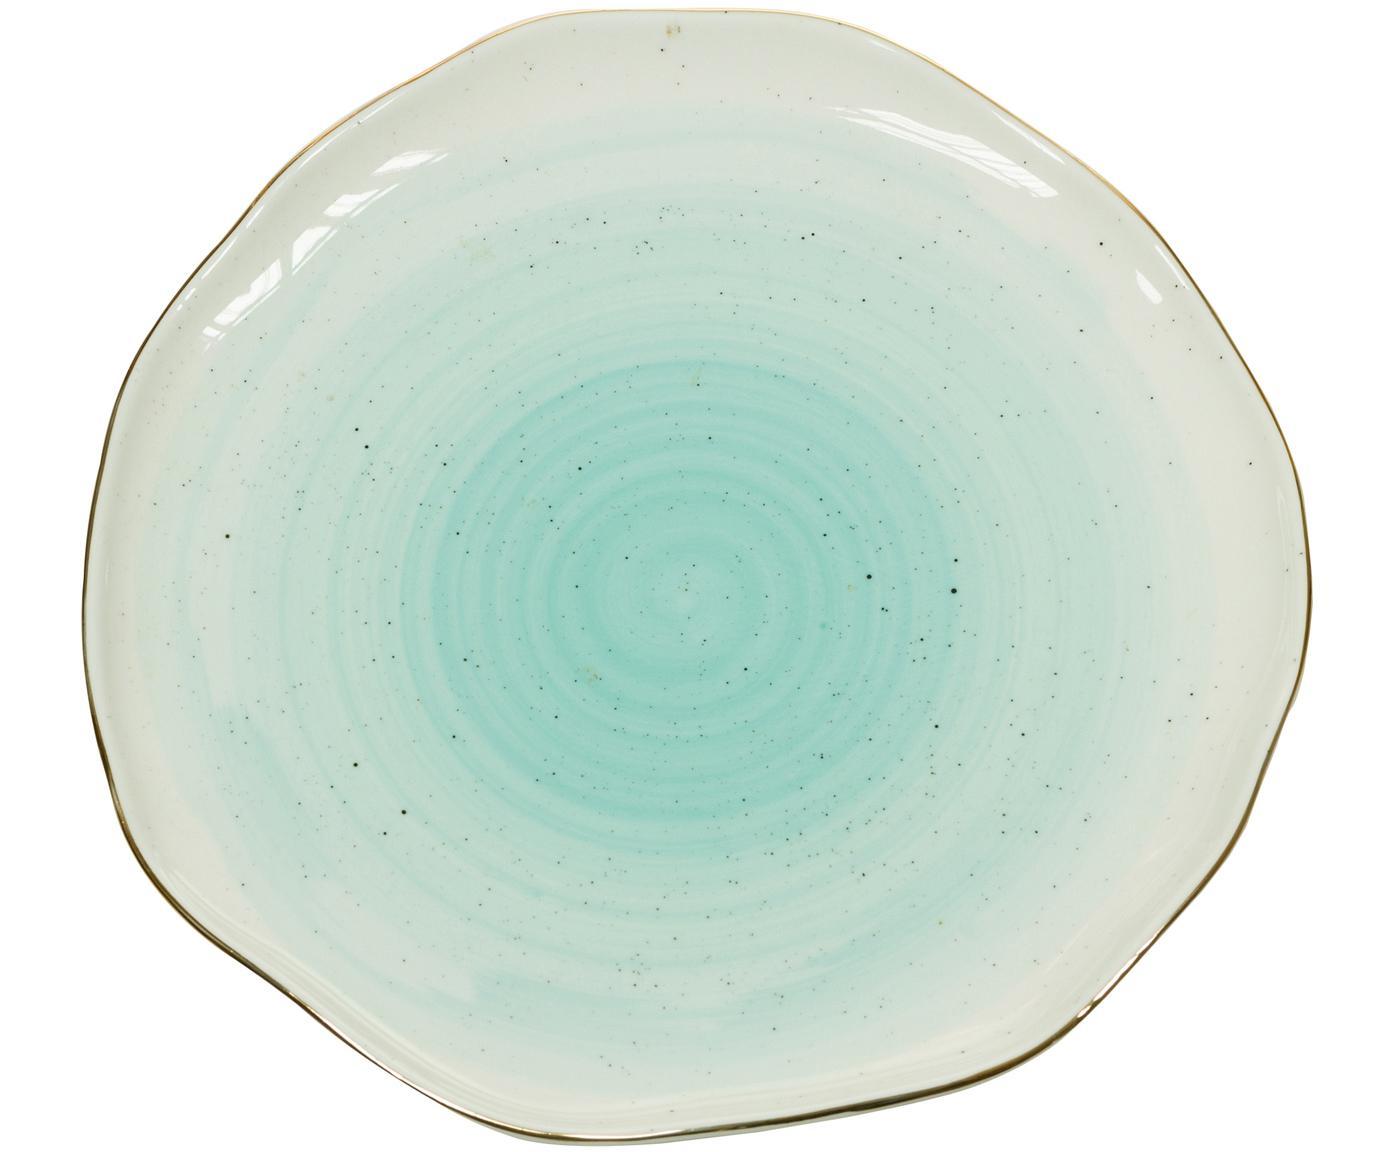 Platos postre artesanales Bol, 2uds., Porcelana, Azul turquesa, Ø 19 x Al 3 cm